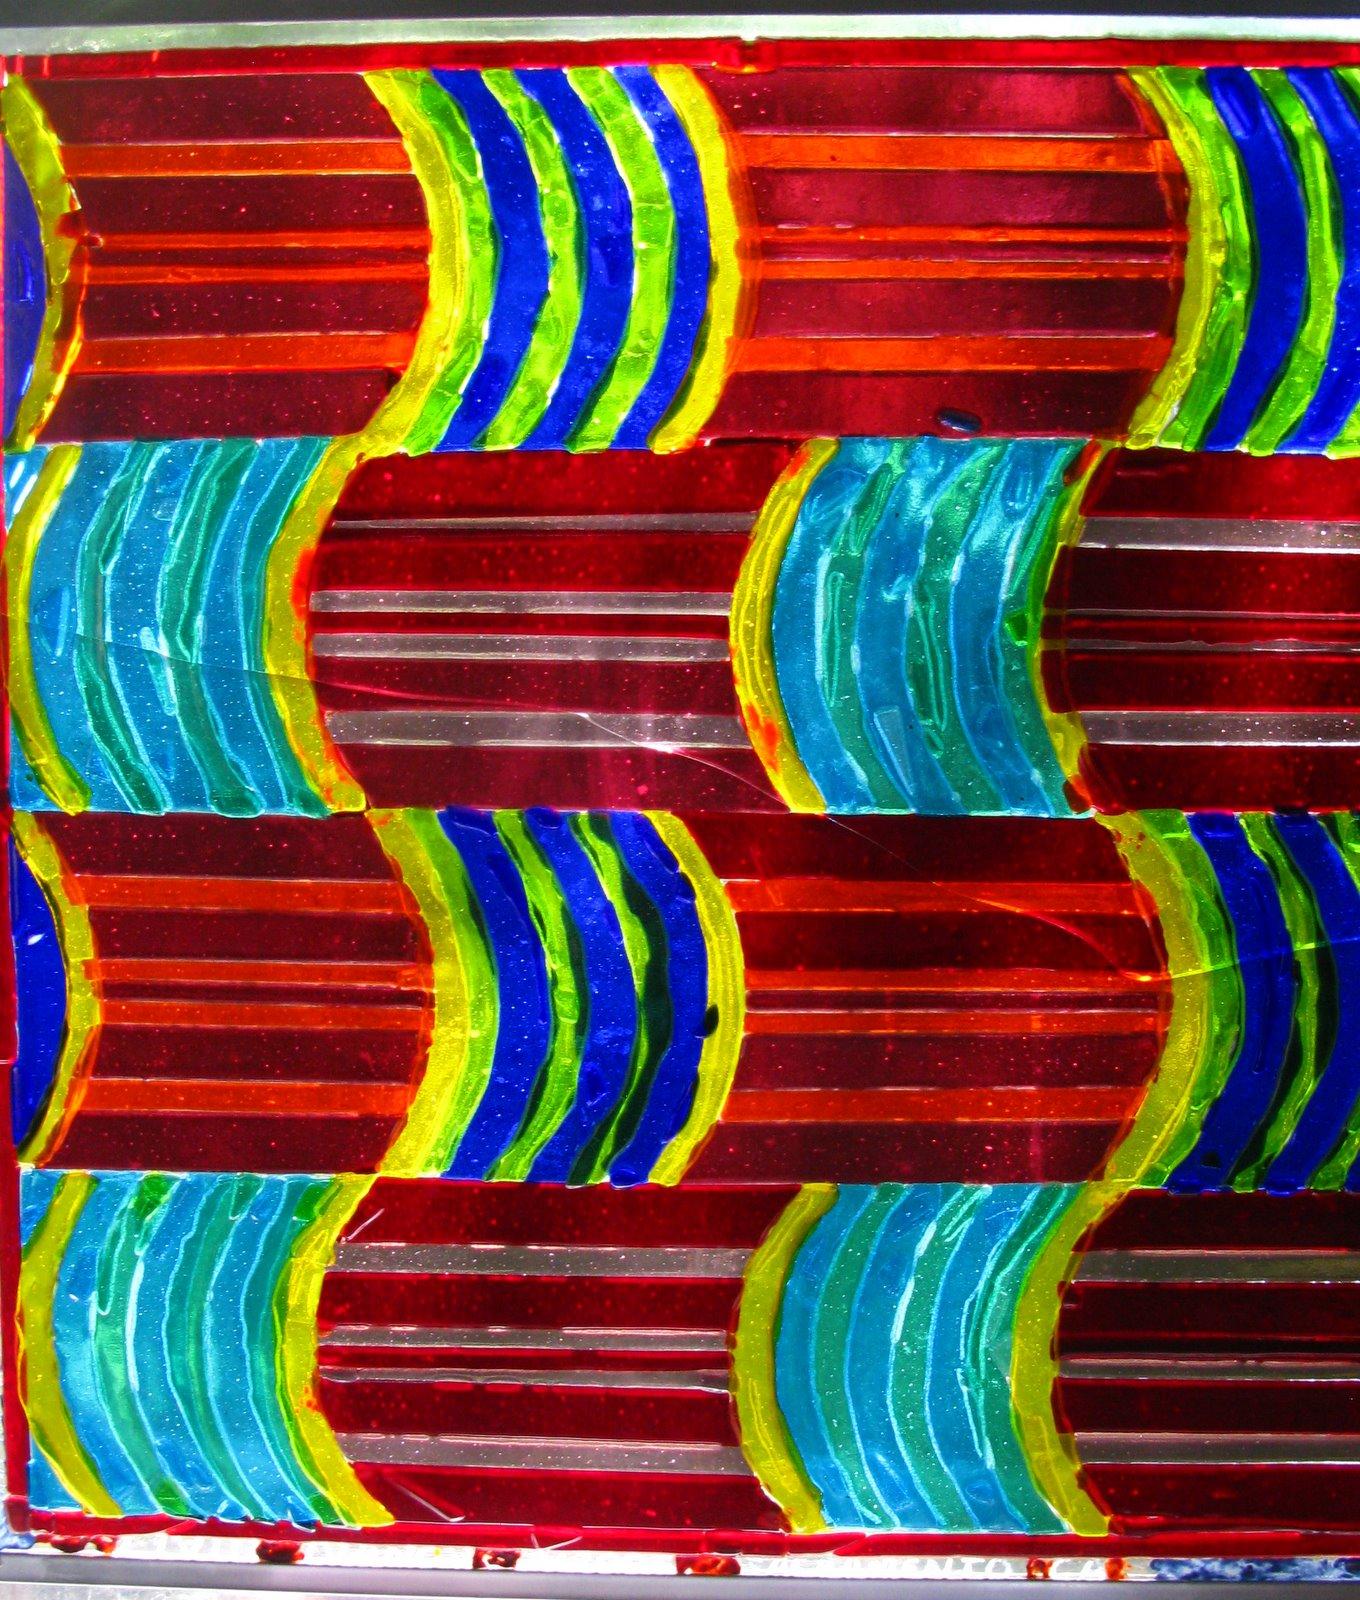 Liviu_glass_Curved_patterns_in_square 6-17-2009 1-27-28 PM.JPG